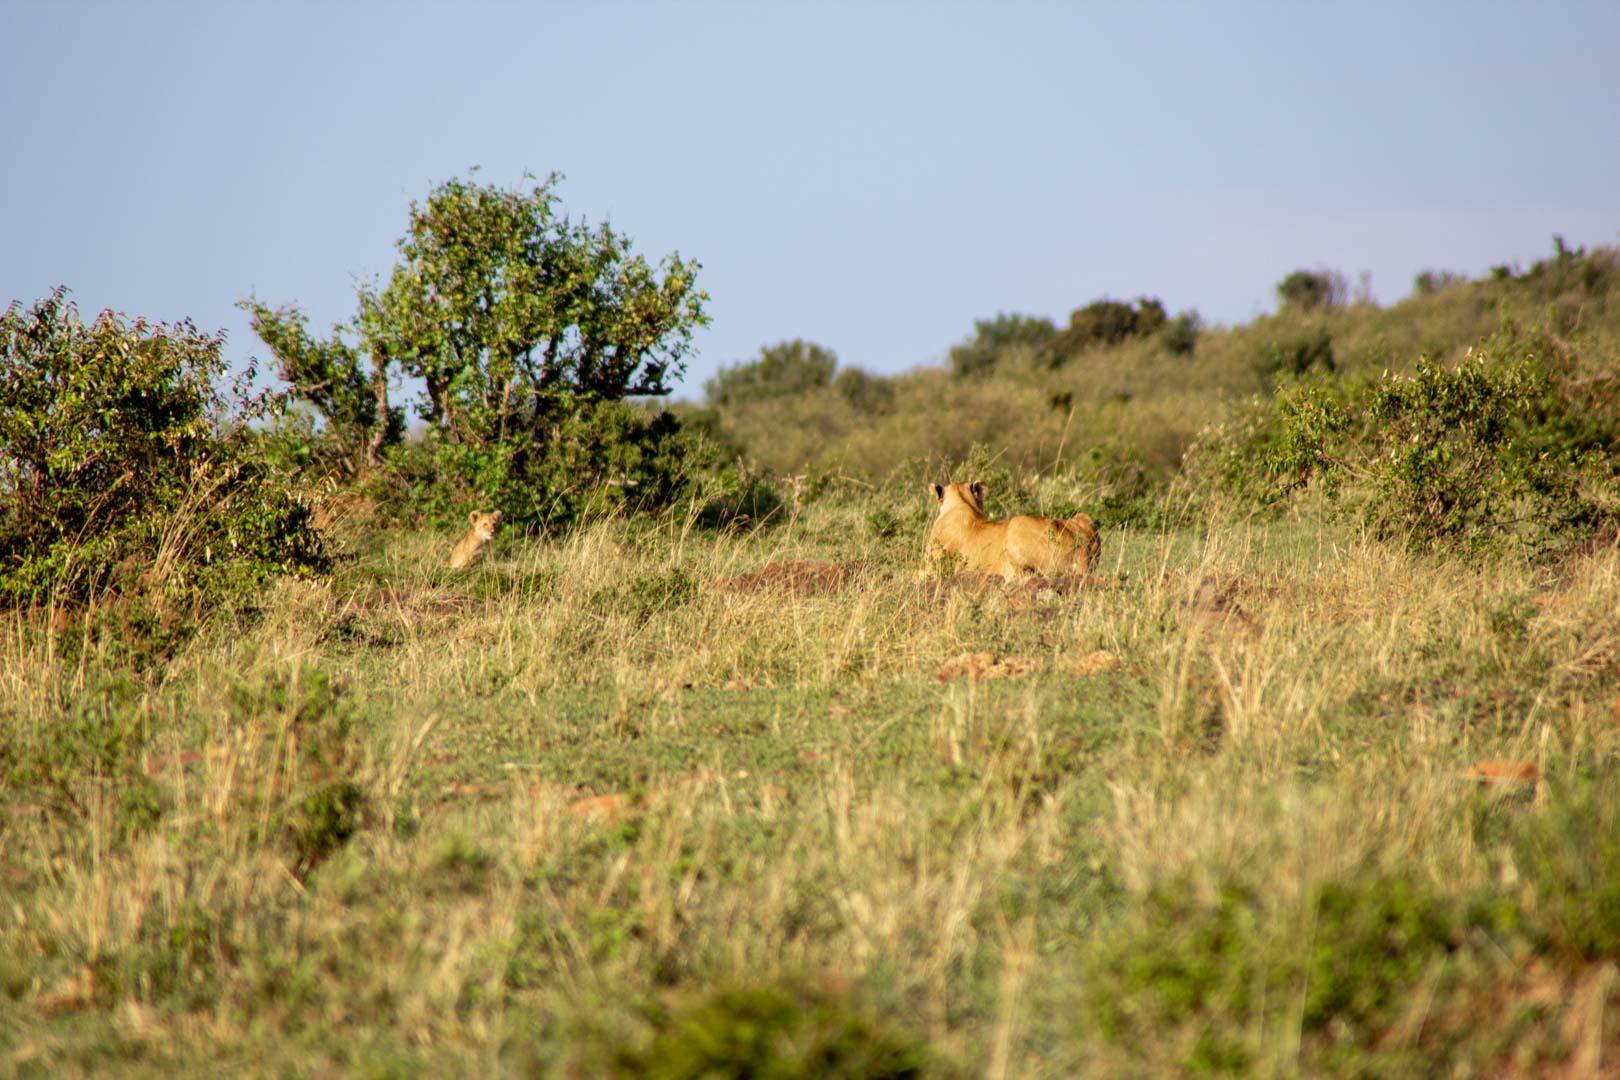 Leona esperando a su bebé, Masai Mara, Kenia